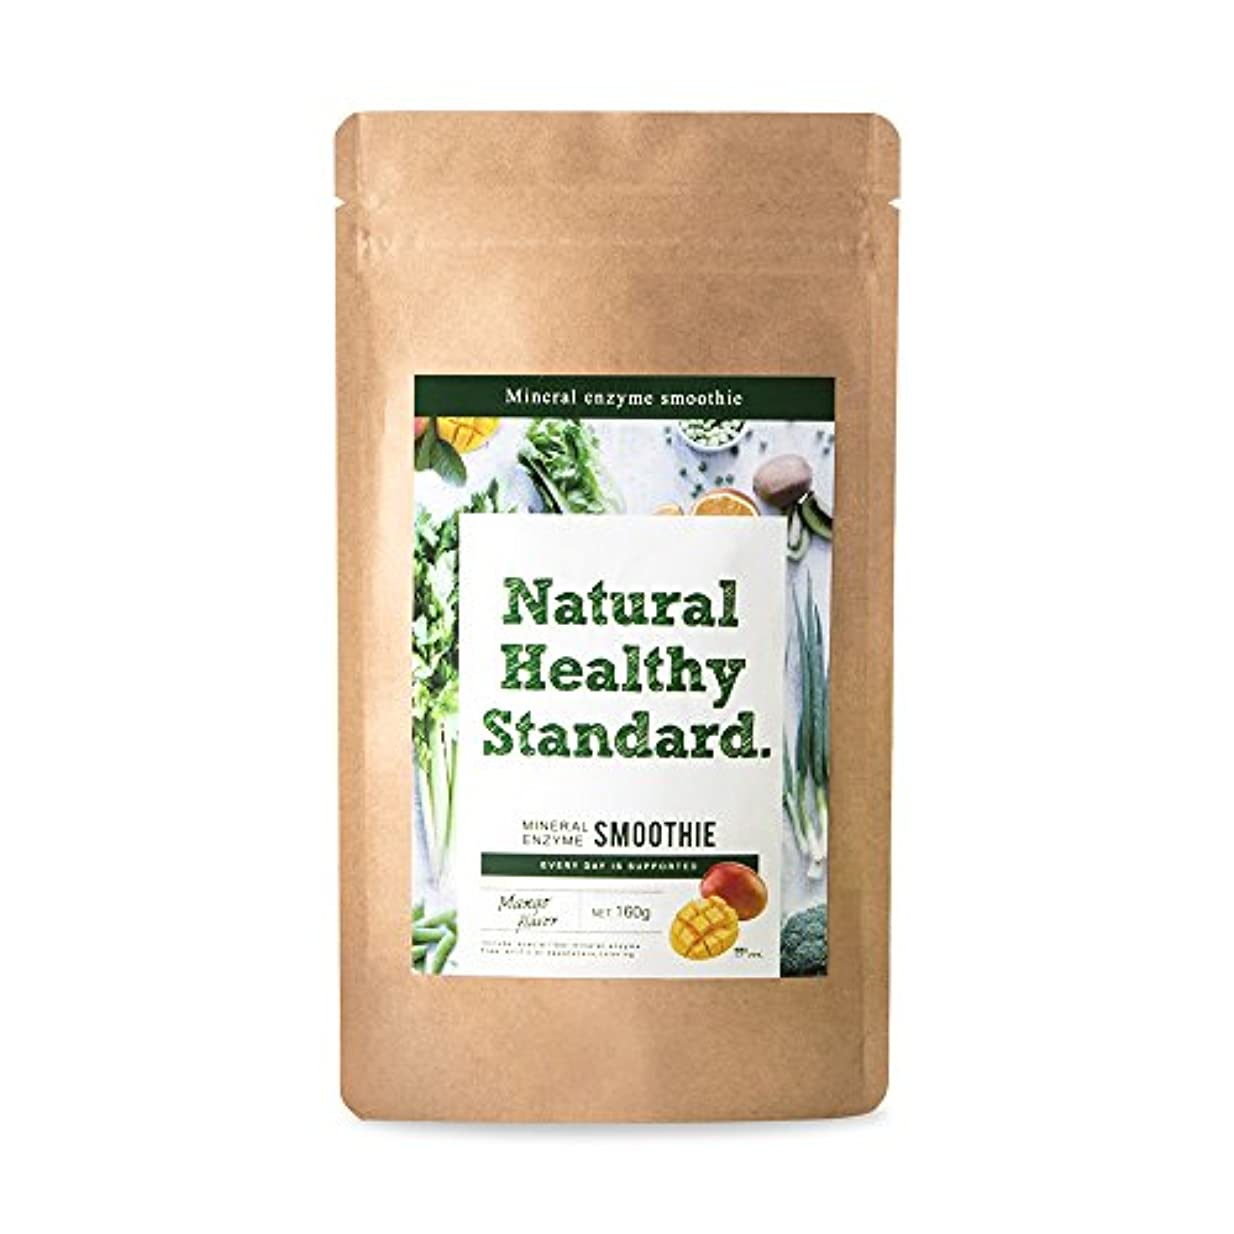 価値キネマティクス迷信Natural Healthy Standard. ミネラル酵素グリーンスムージー マンゴー味 160g (2017年リニューアル品)